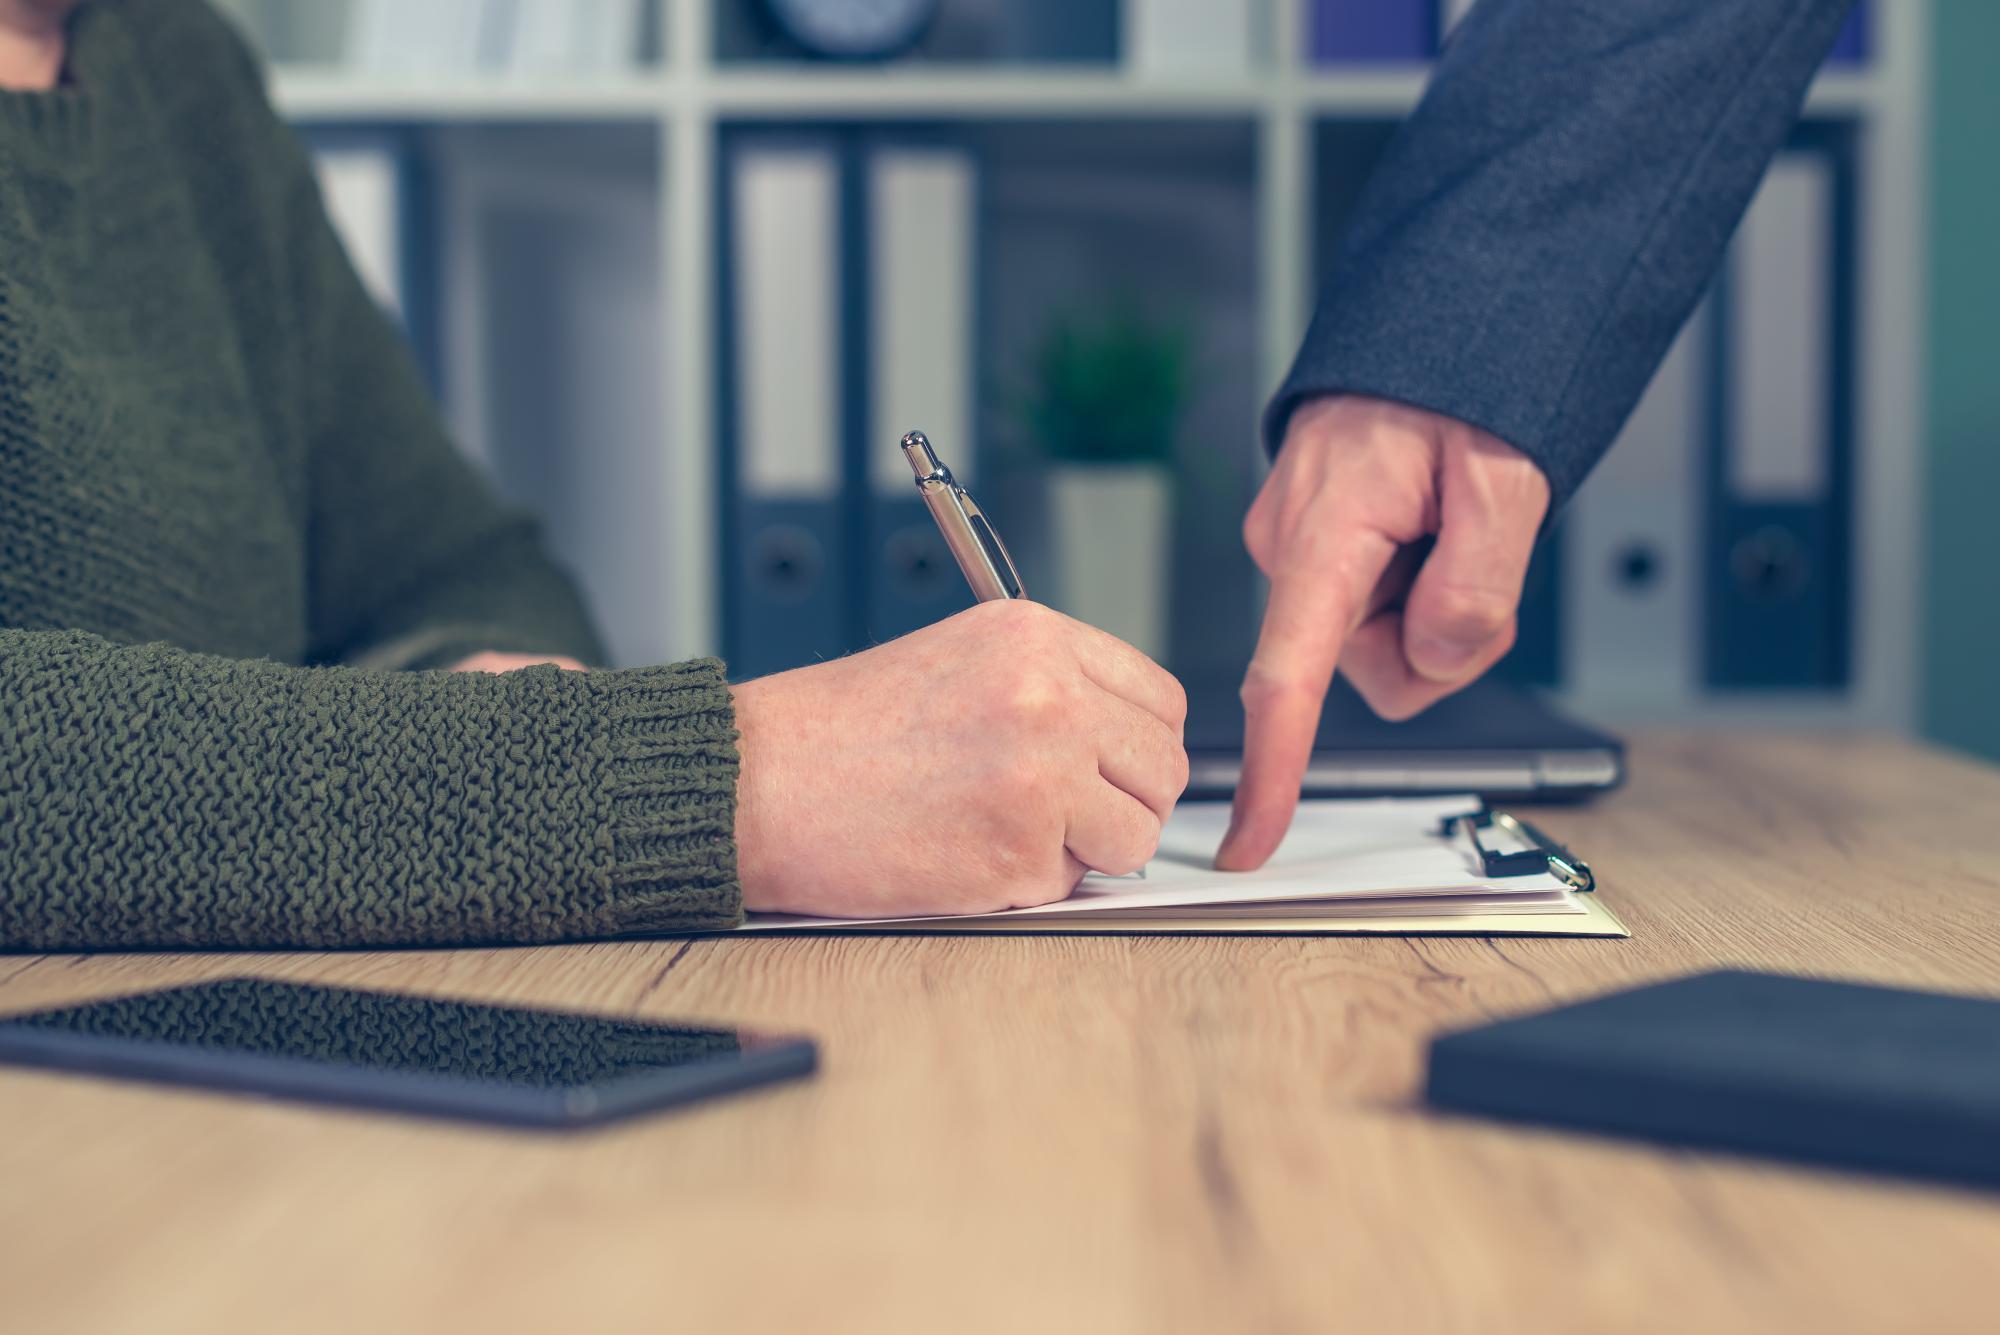 Молдова выпустила разъяснения по поводу подачи исправленных налоговых деклараций